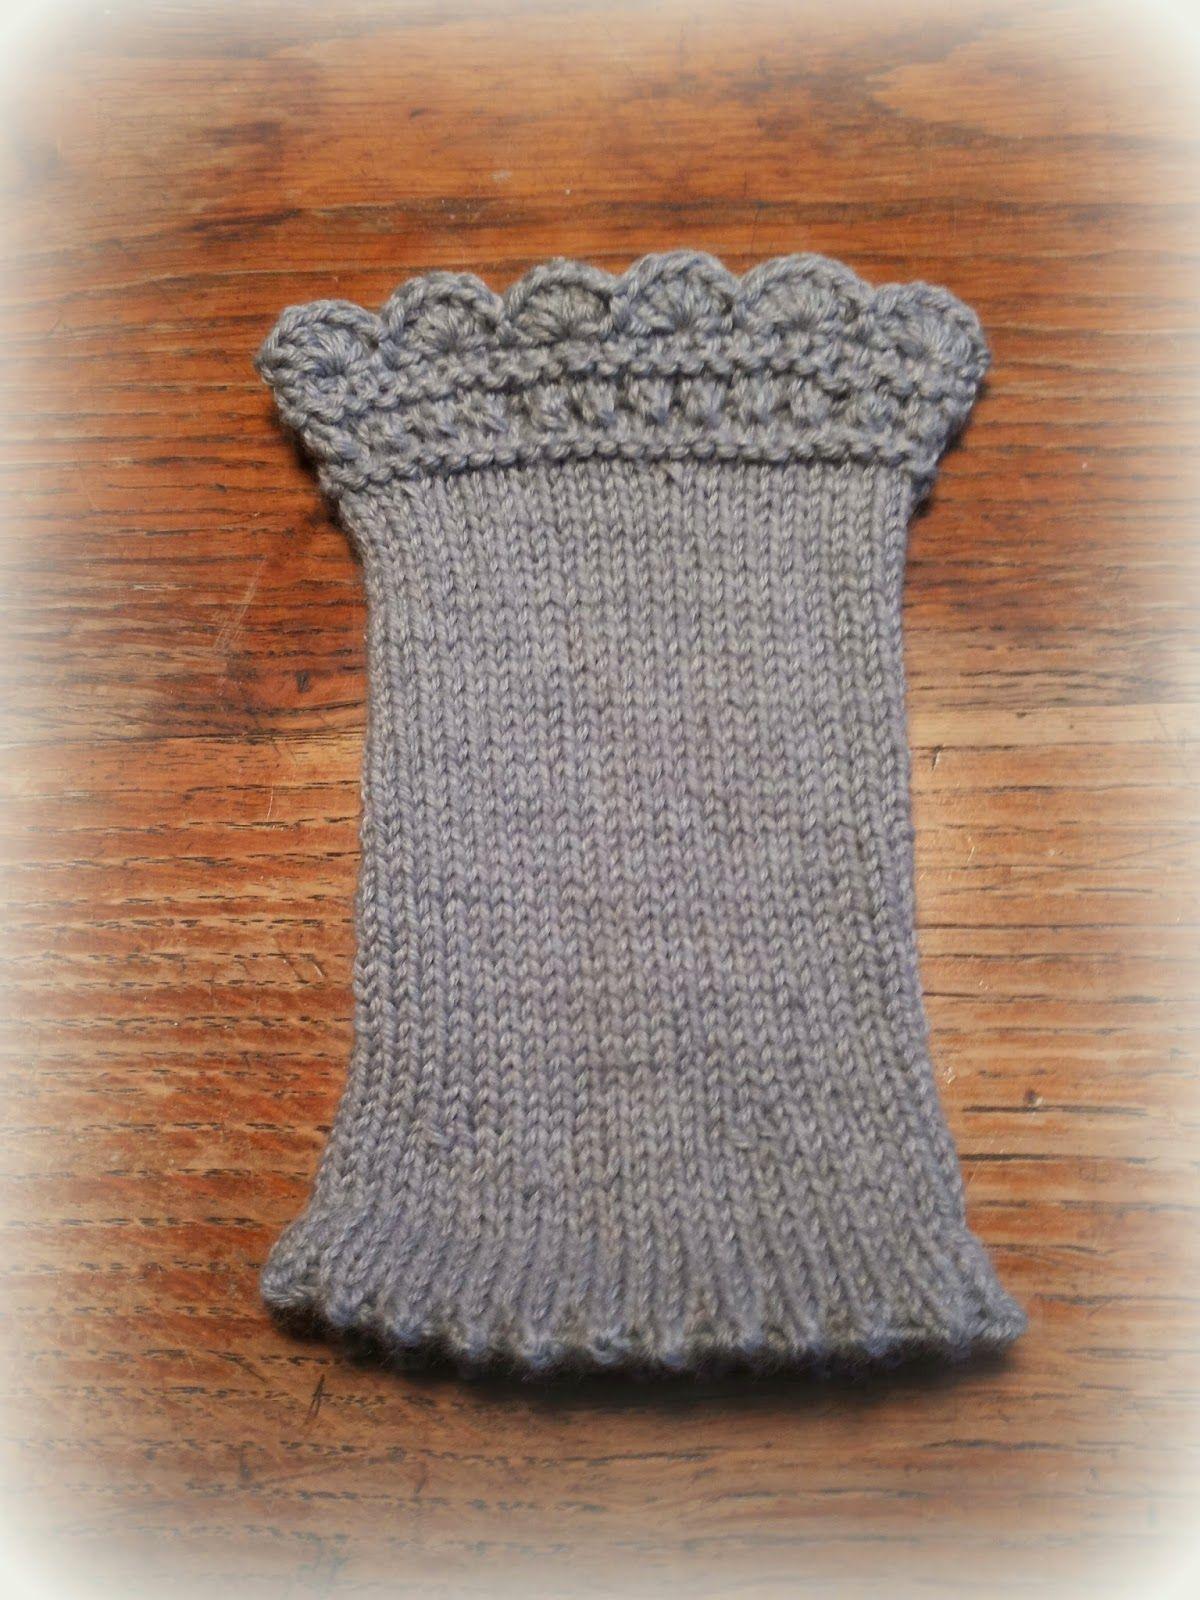 Mein Fachwerkhäuschen: Handstulpen mit Anleitung | Knitting | Pinterest